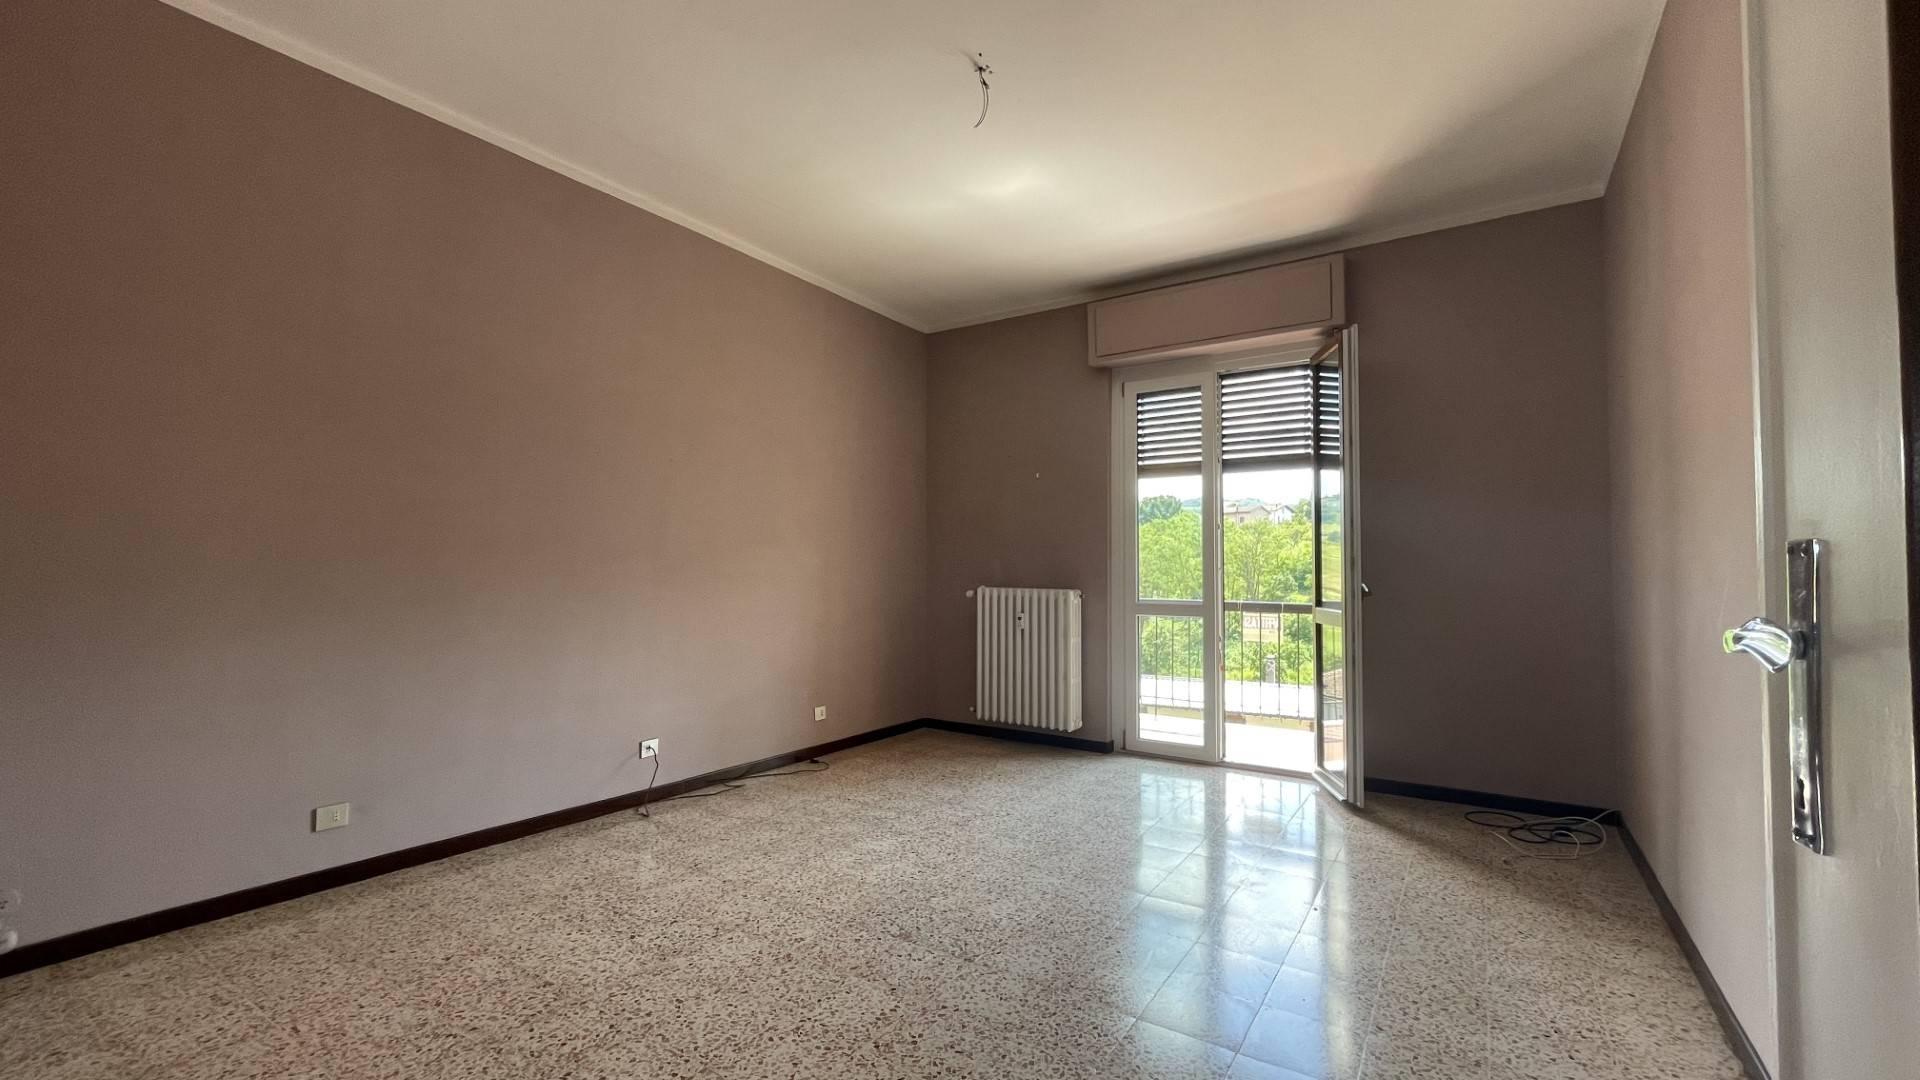 Appartamento in affitto a Volpedo, 4 locali, prezzo € 300 | CambioCasa.it